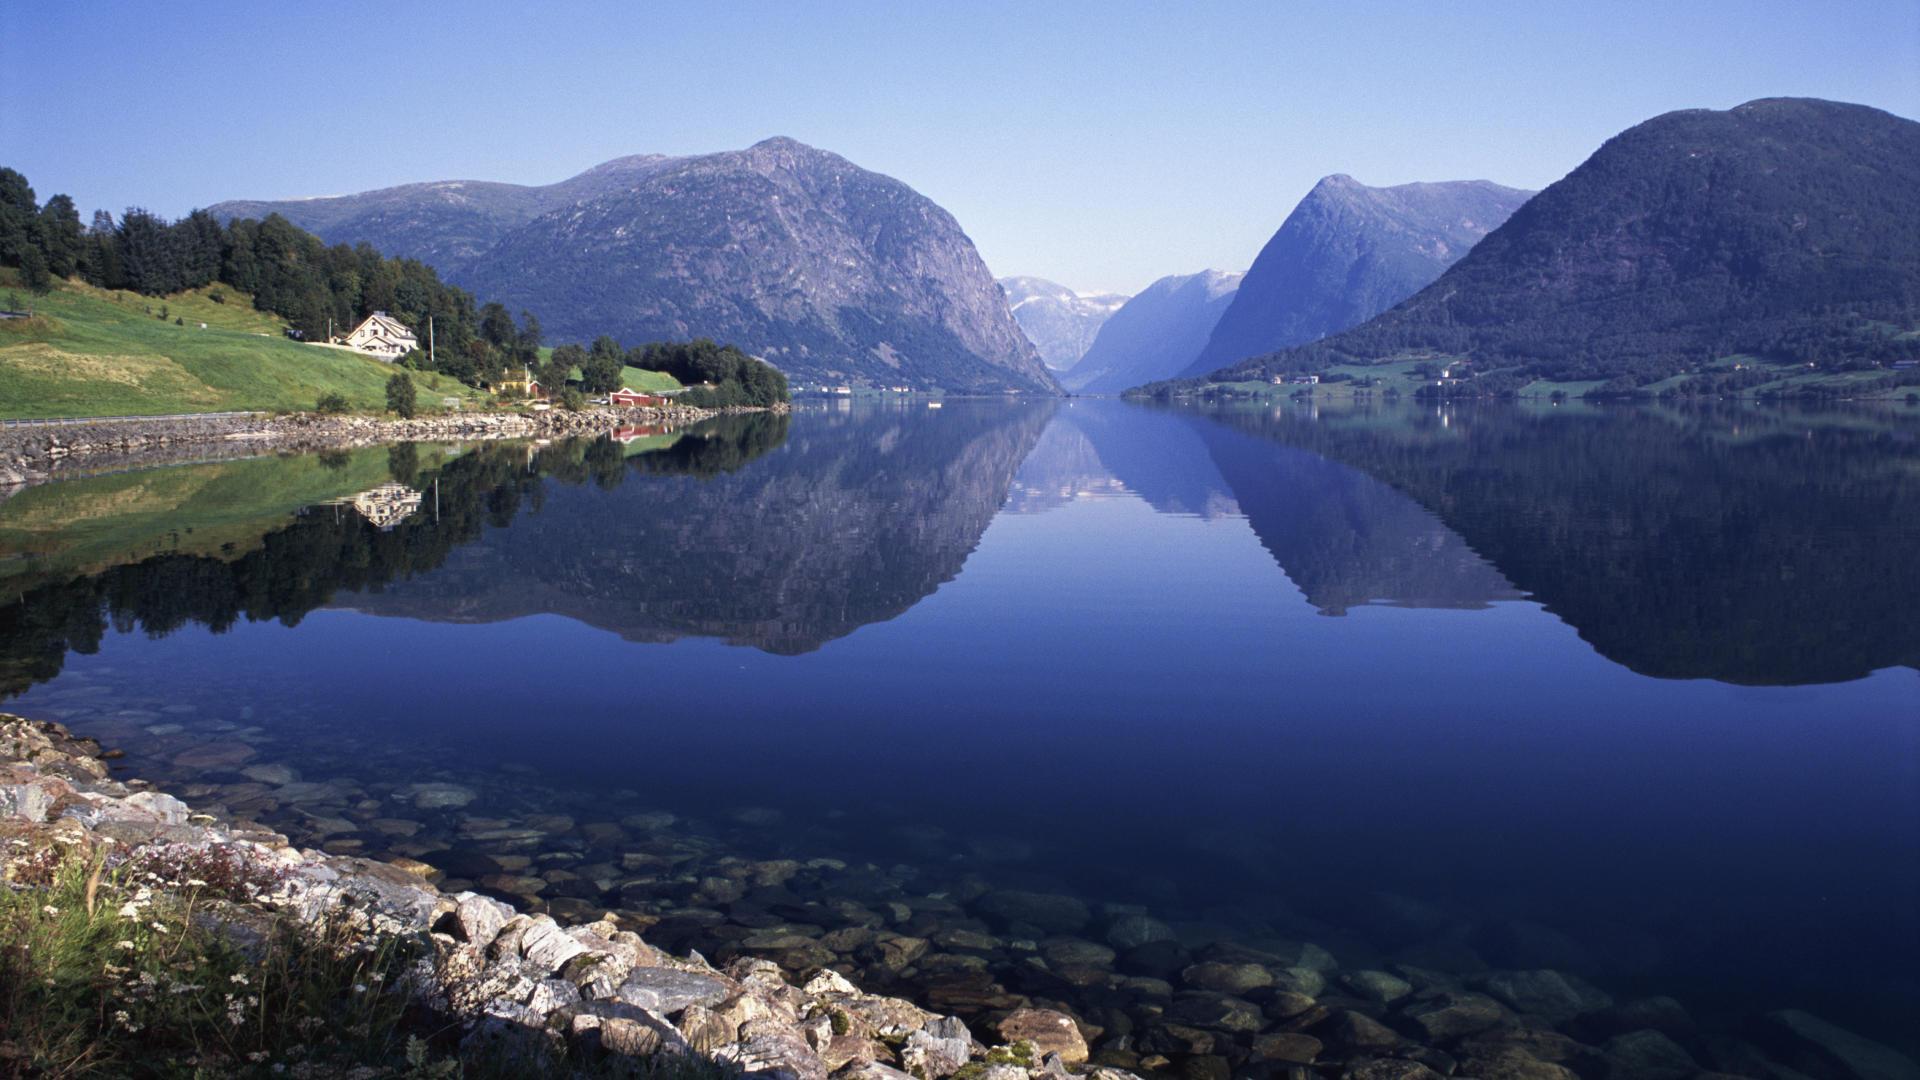 Скачать обои озеро в норвегии 1920x1080